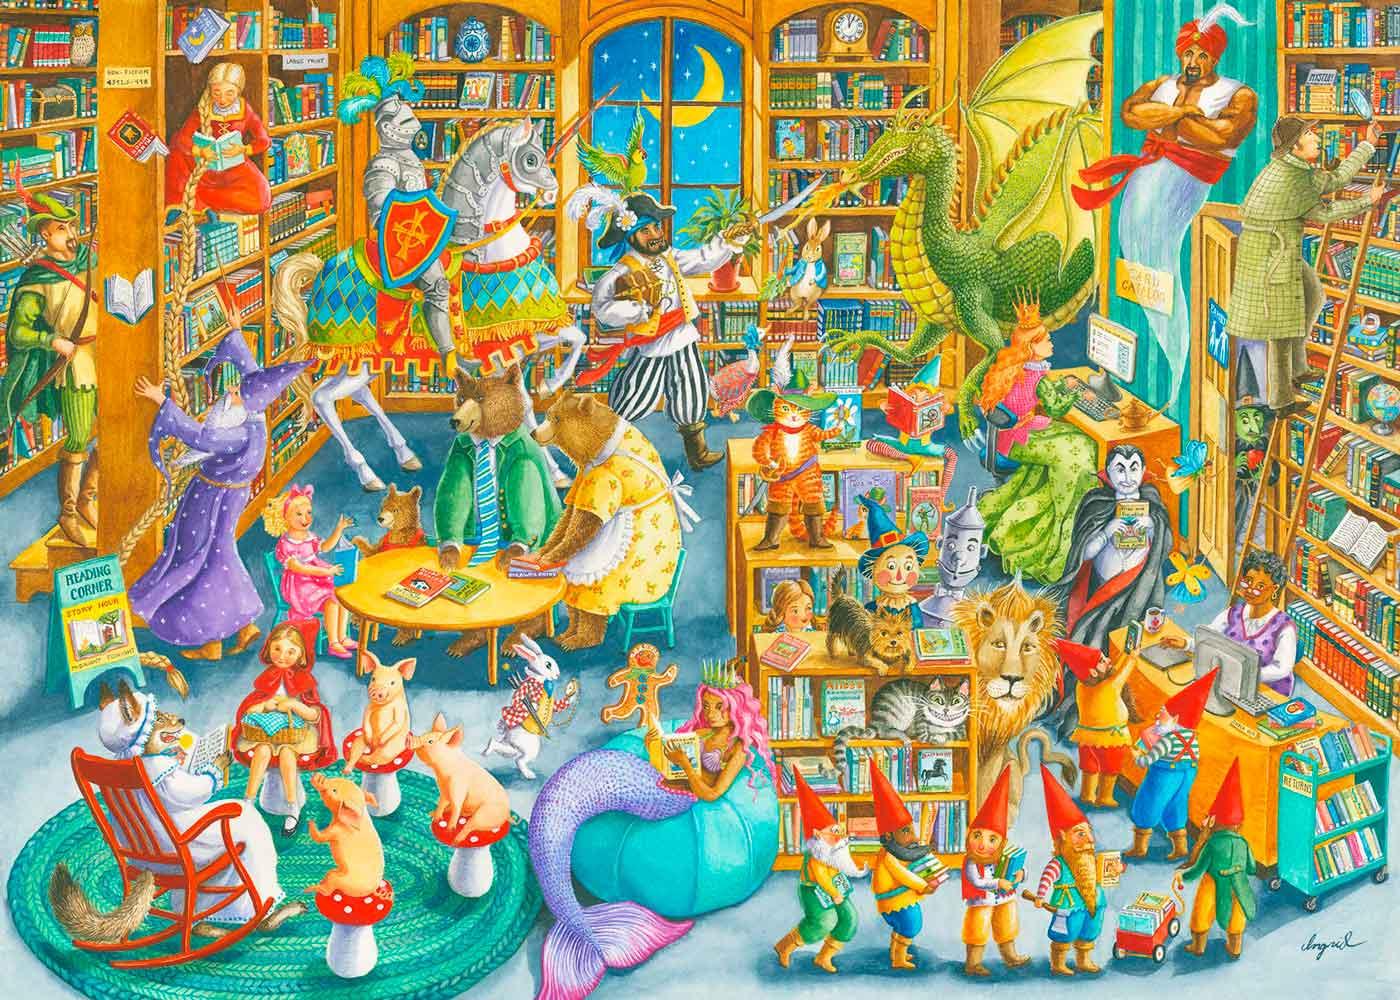 Puzzle Ravensburger Medianoche en la Biblioteca de 1000 Piezas